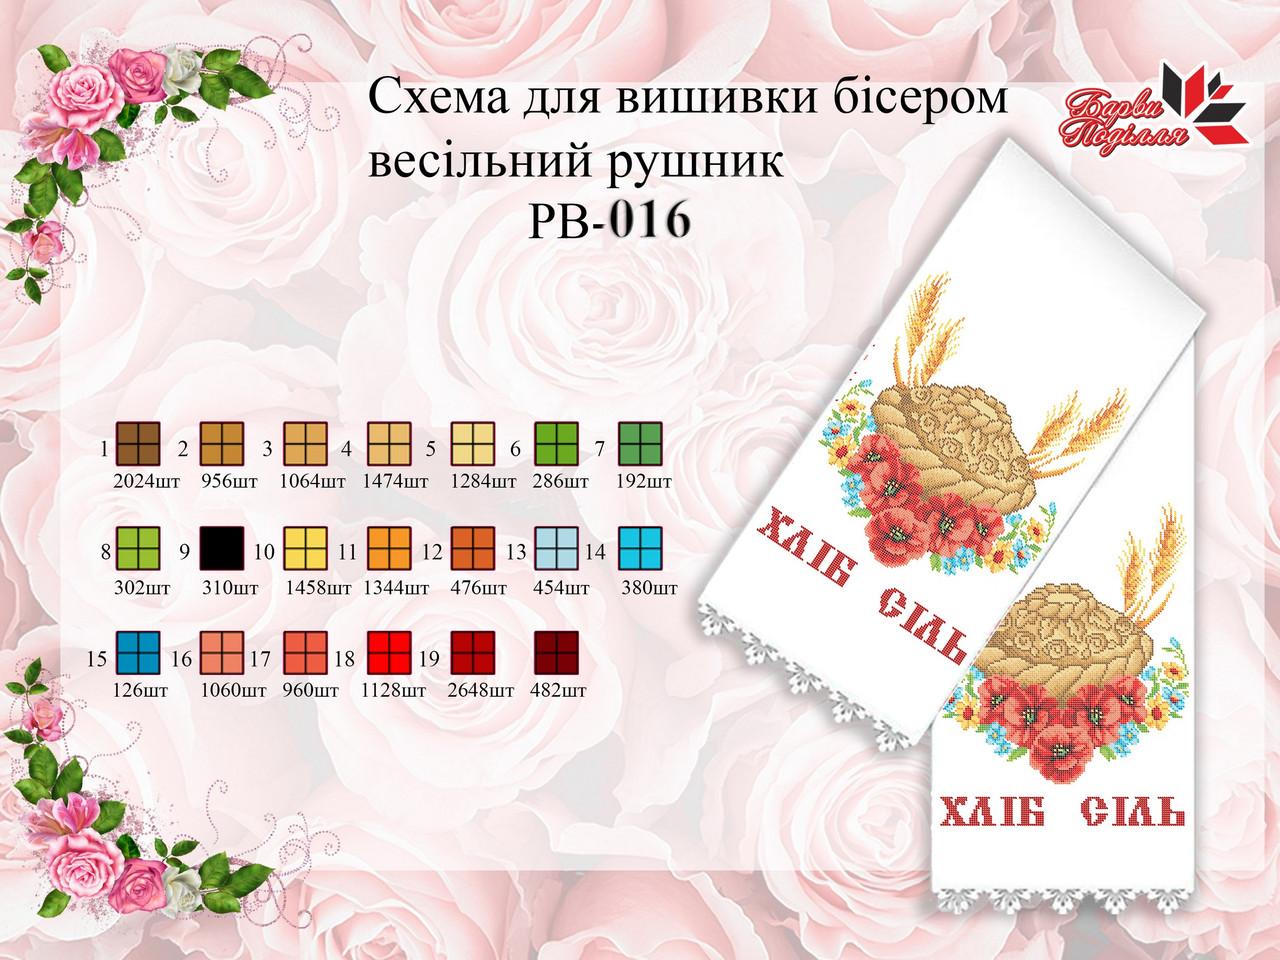 Рушник Весільний РВ 016